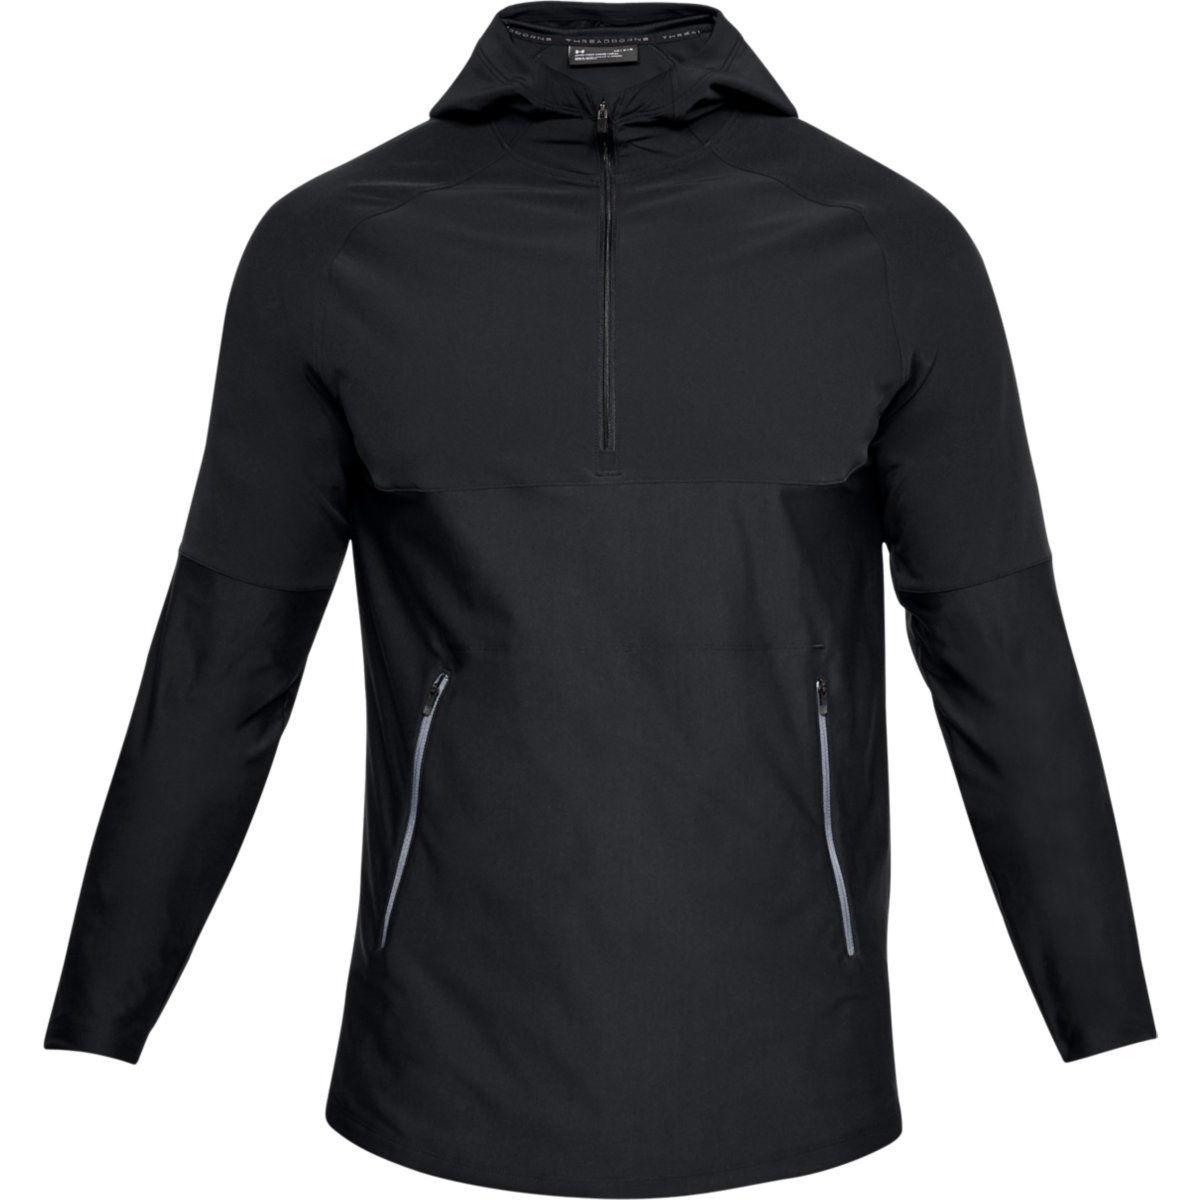 [AboutYou] Under Armour Herren Sportsweatshirt Threadborne Vanish Popover für 24,22€